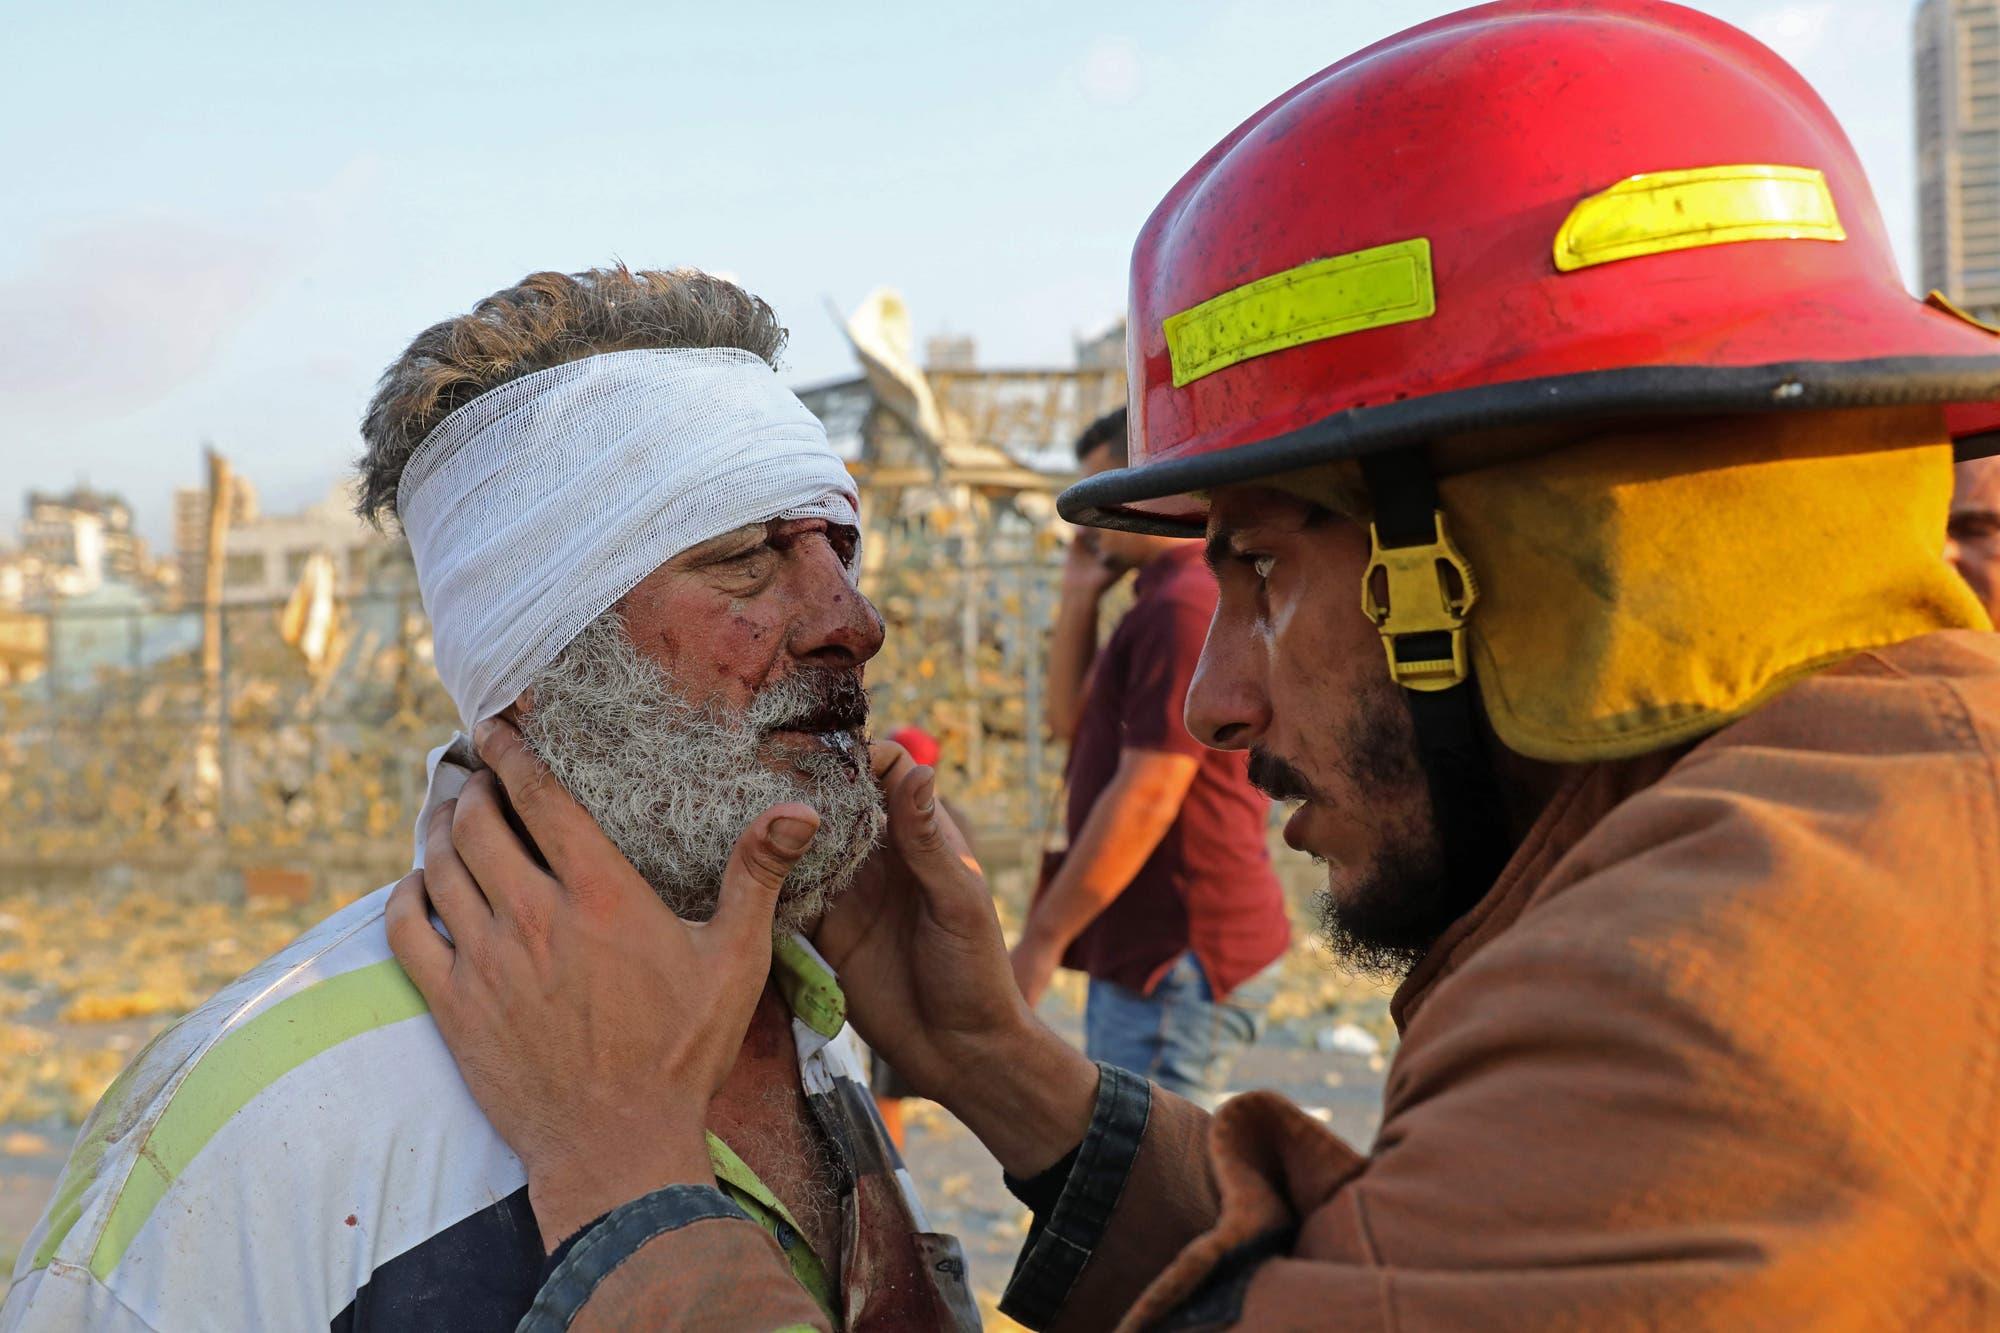 La cifra de muertos y desaparecidos hunde a Beirut en la furia y la indignación